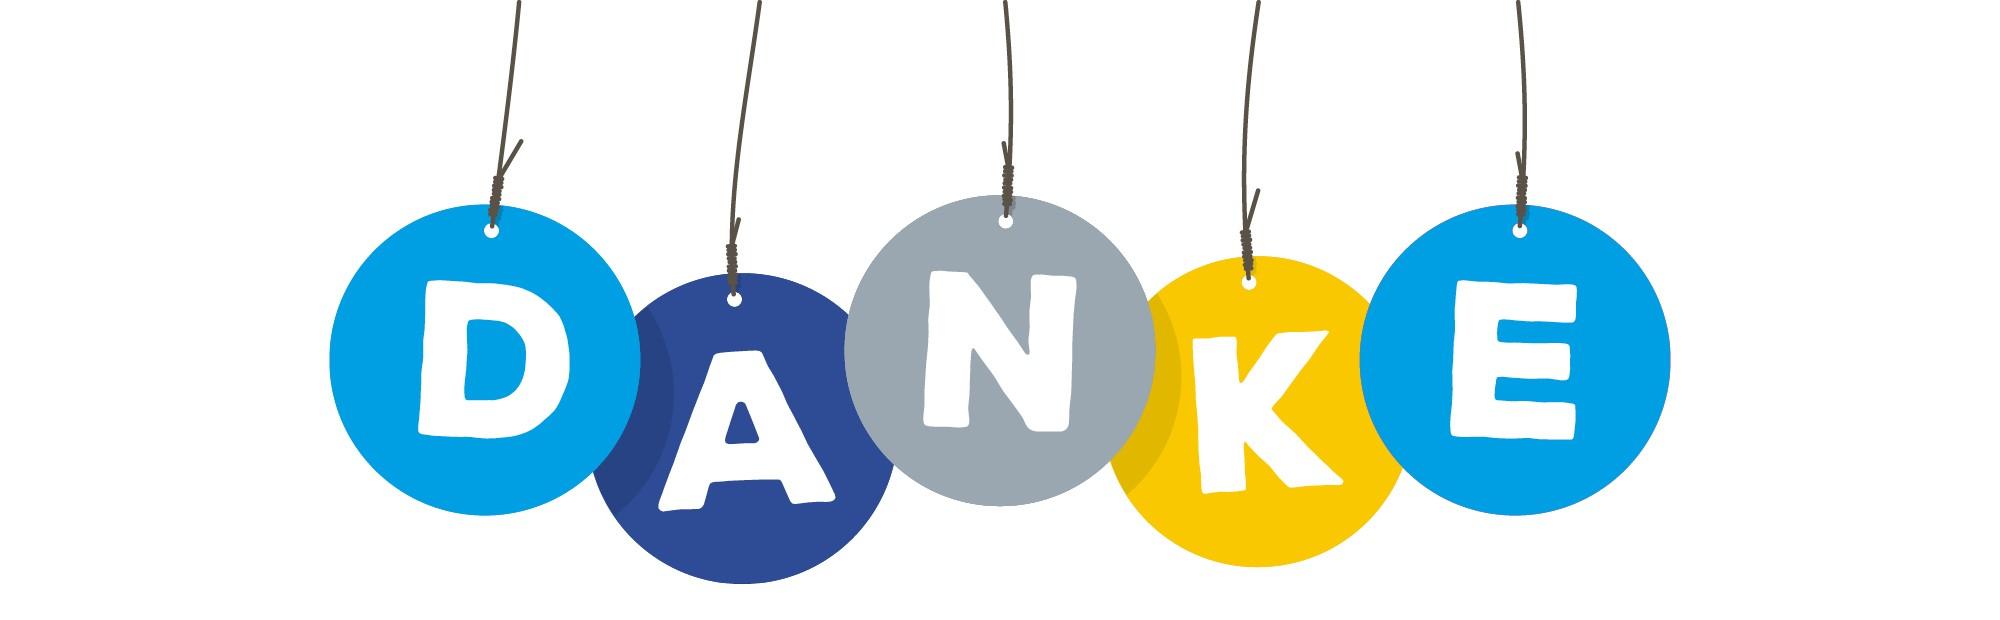 """Abgebildet sind verschieden farbige Kreise, die das Wort """"Danke"""" ergeben."""